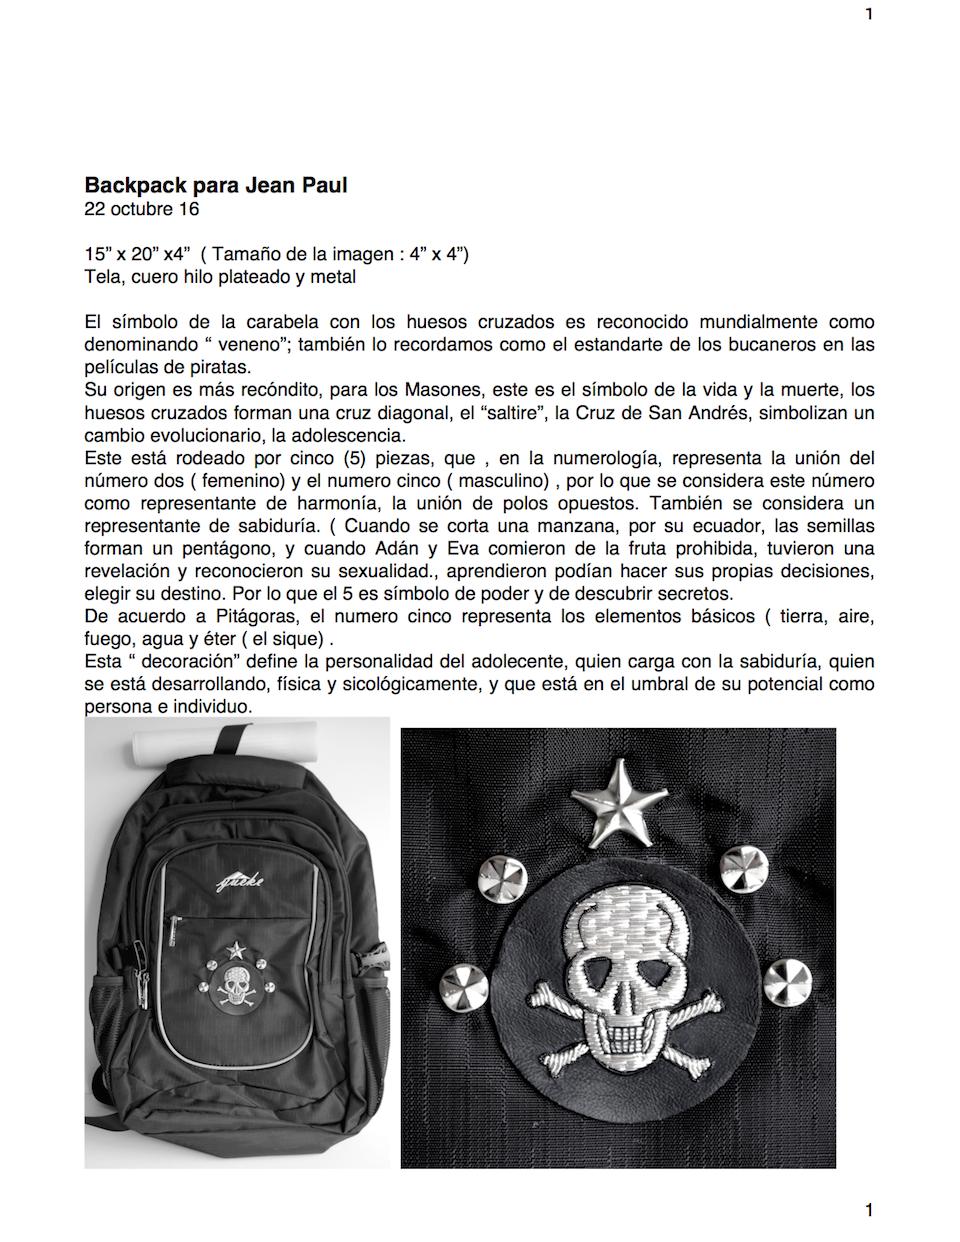 Backpack Ficha Técnica